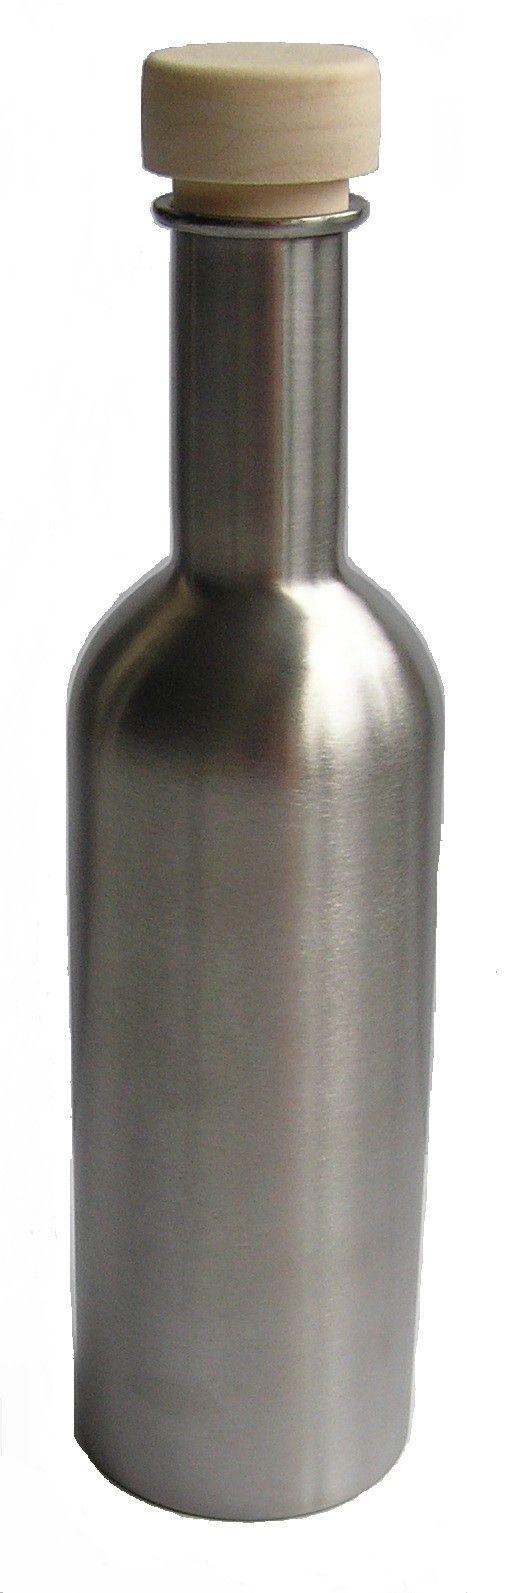 Botella para agua de acero inoxidable de 250 ml., ideal para transportarla en mochilas o bolsaos, usarla en casa o en la oficina. También para los más pequeños de la casa, por sus características higiénicas, y porque no se rompe.